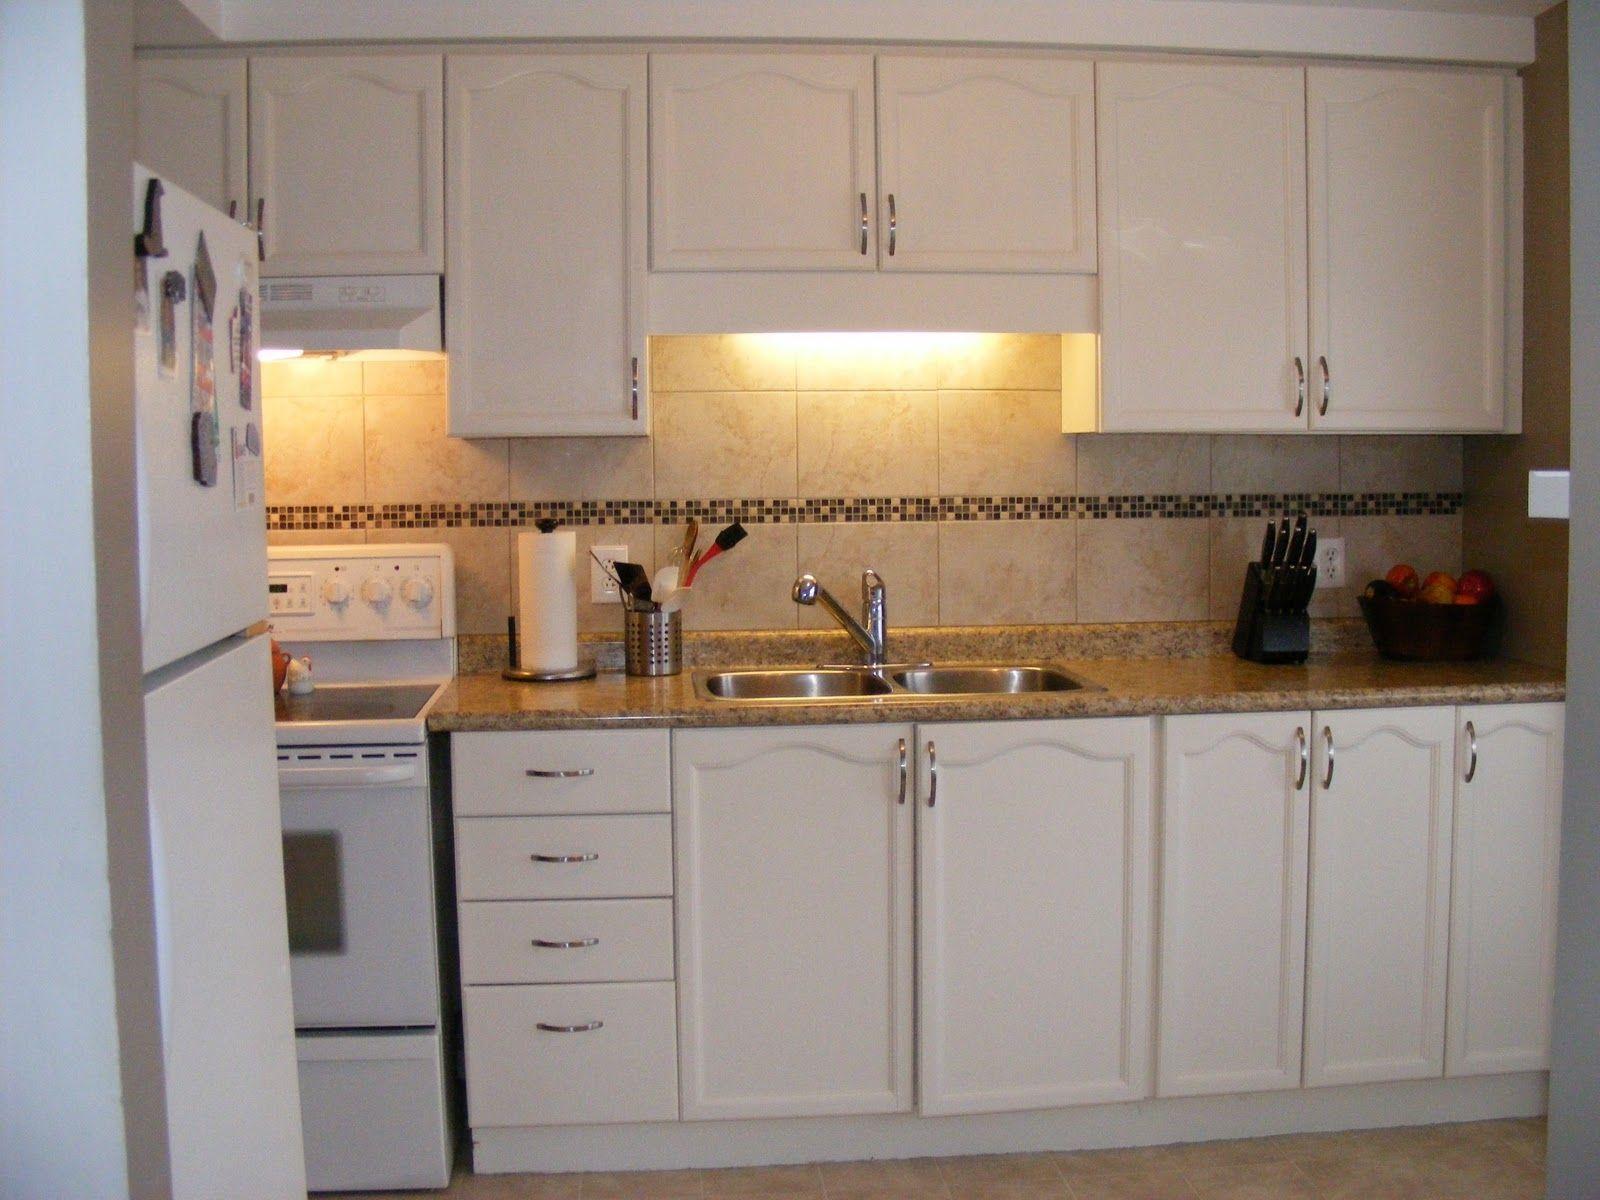 White Plastic Laminate Kitchen Cabinets